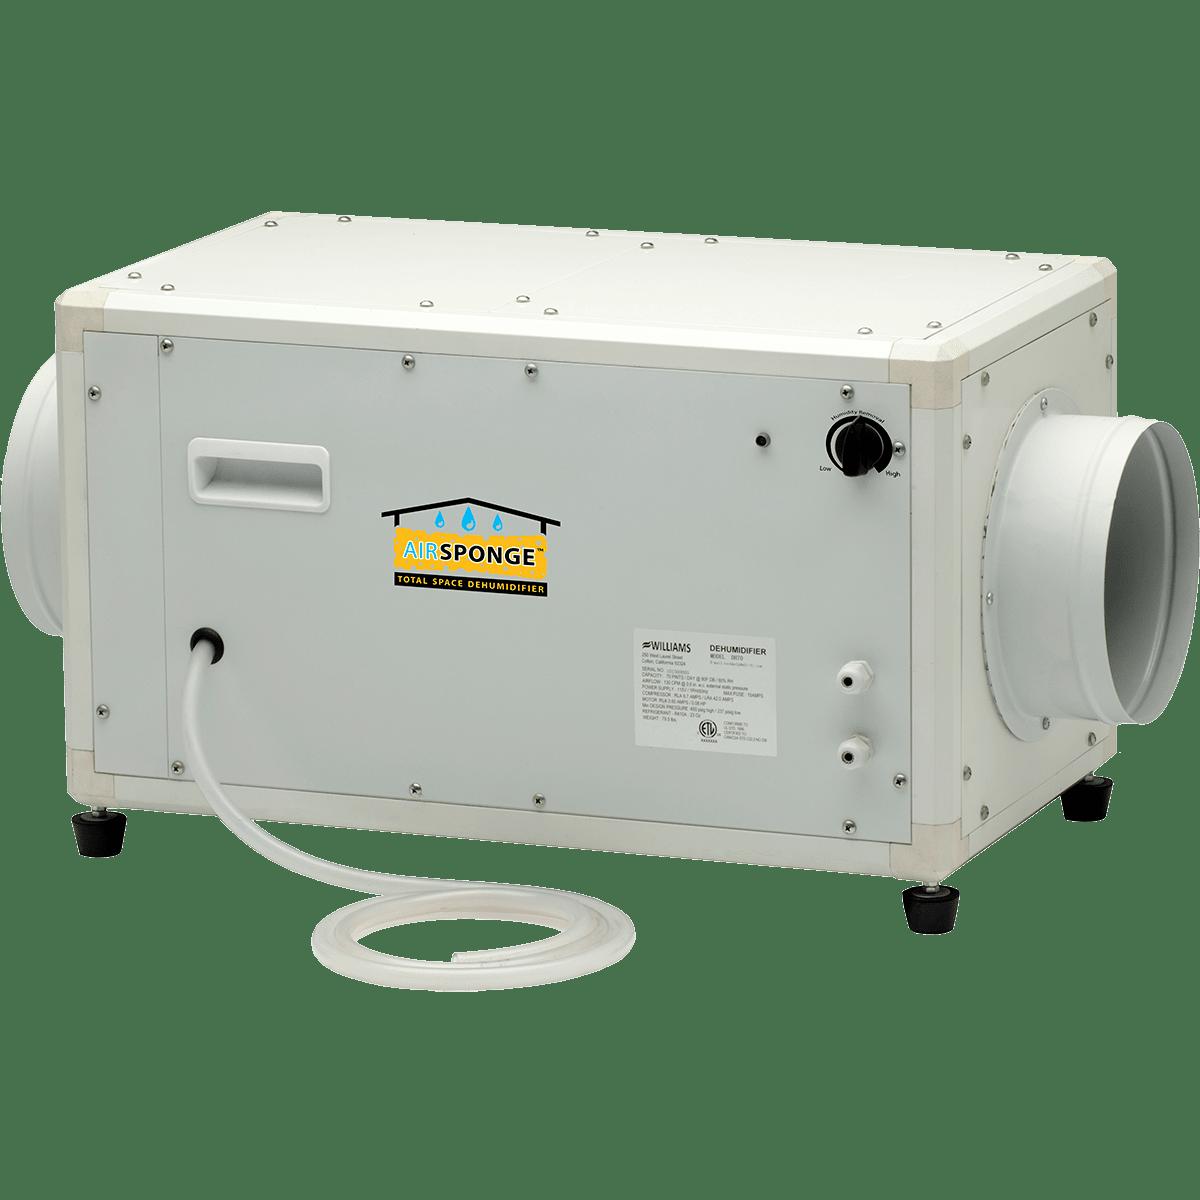 carrier dehumidifier. williams dh70 air sponge dehumidifier carrier